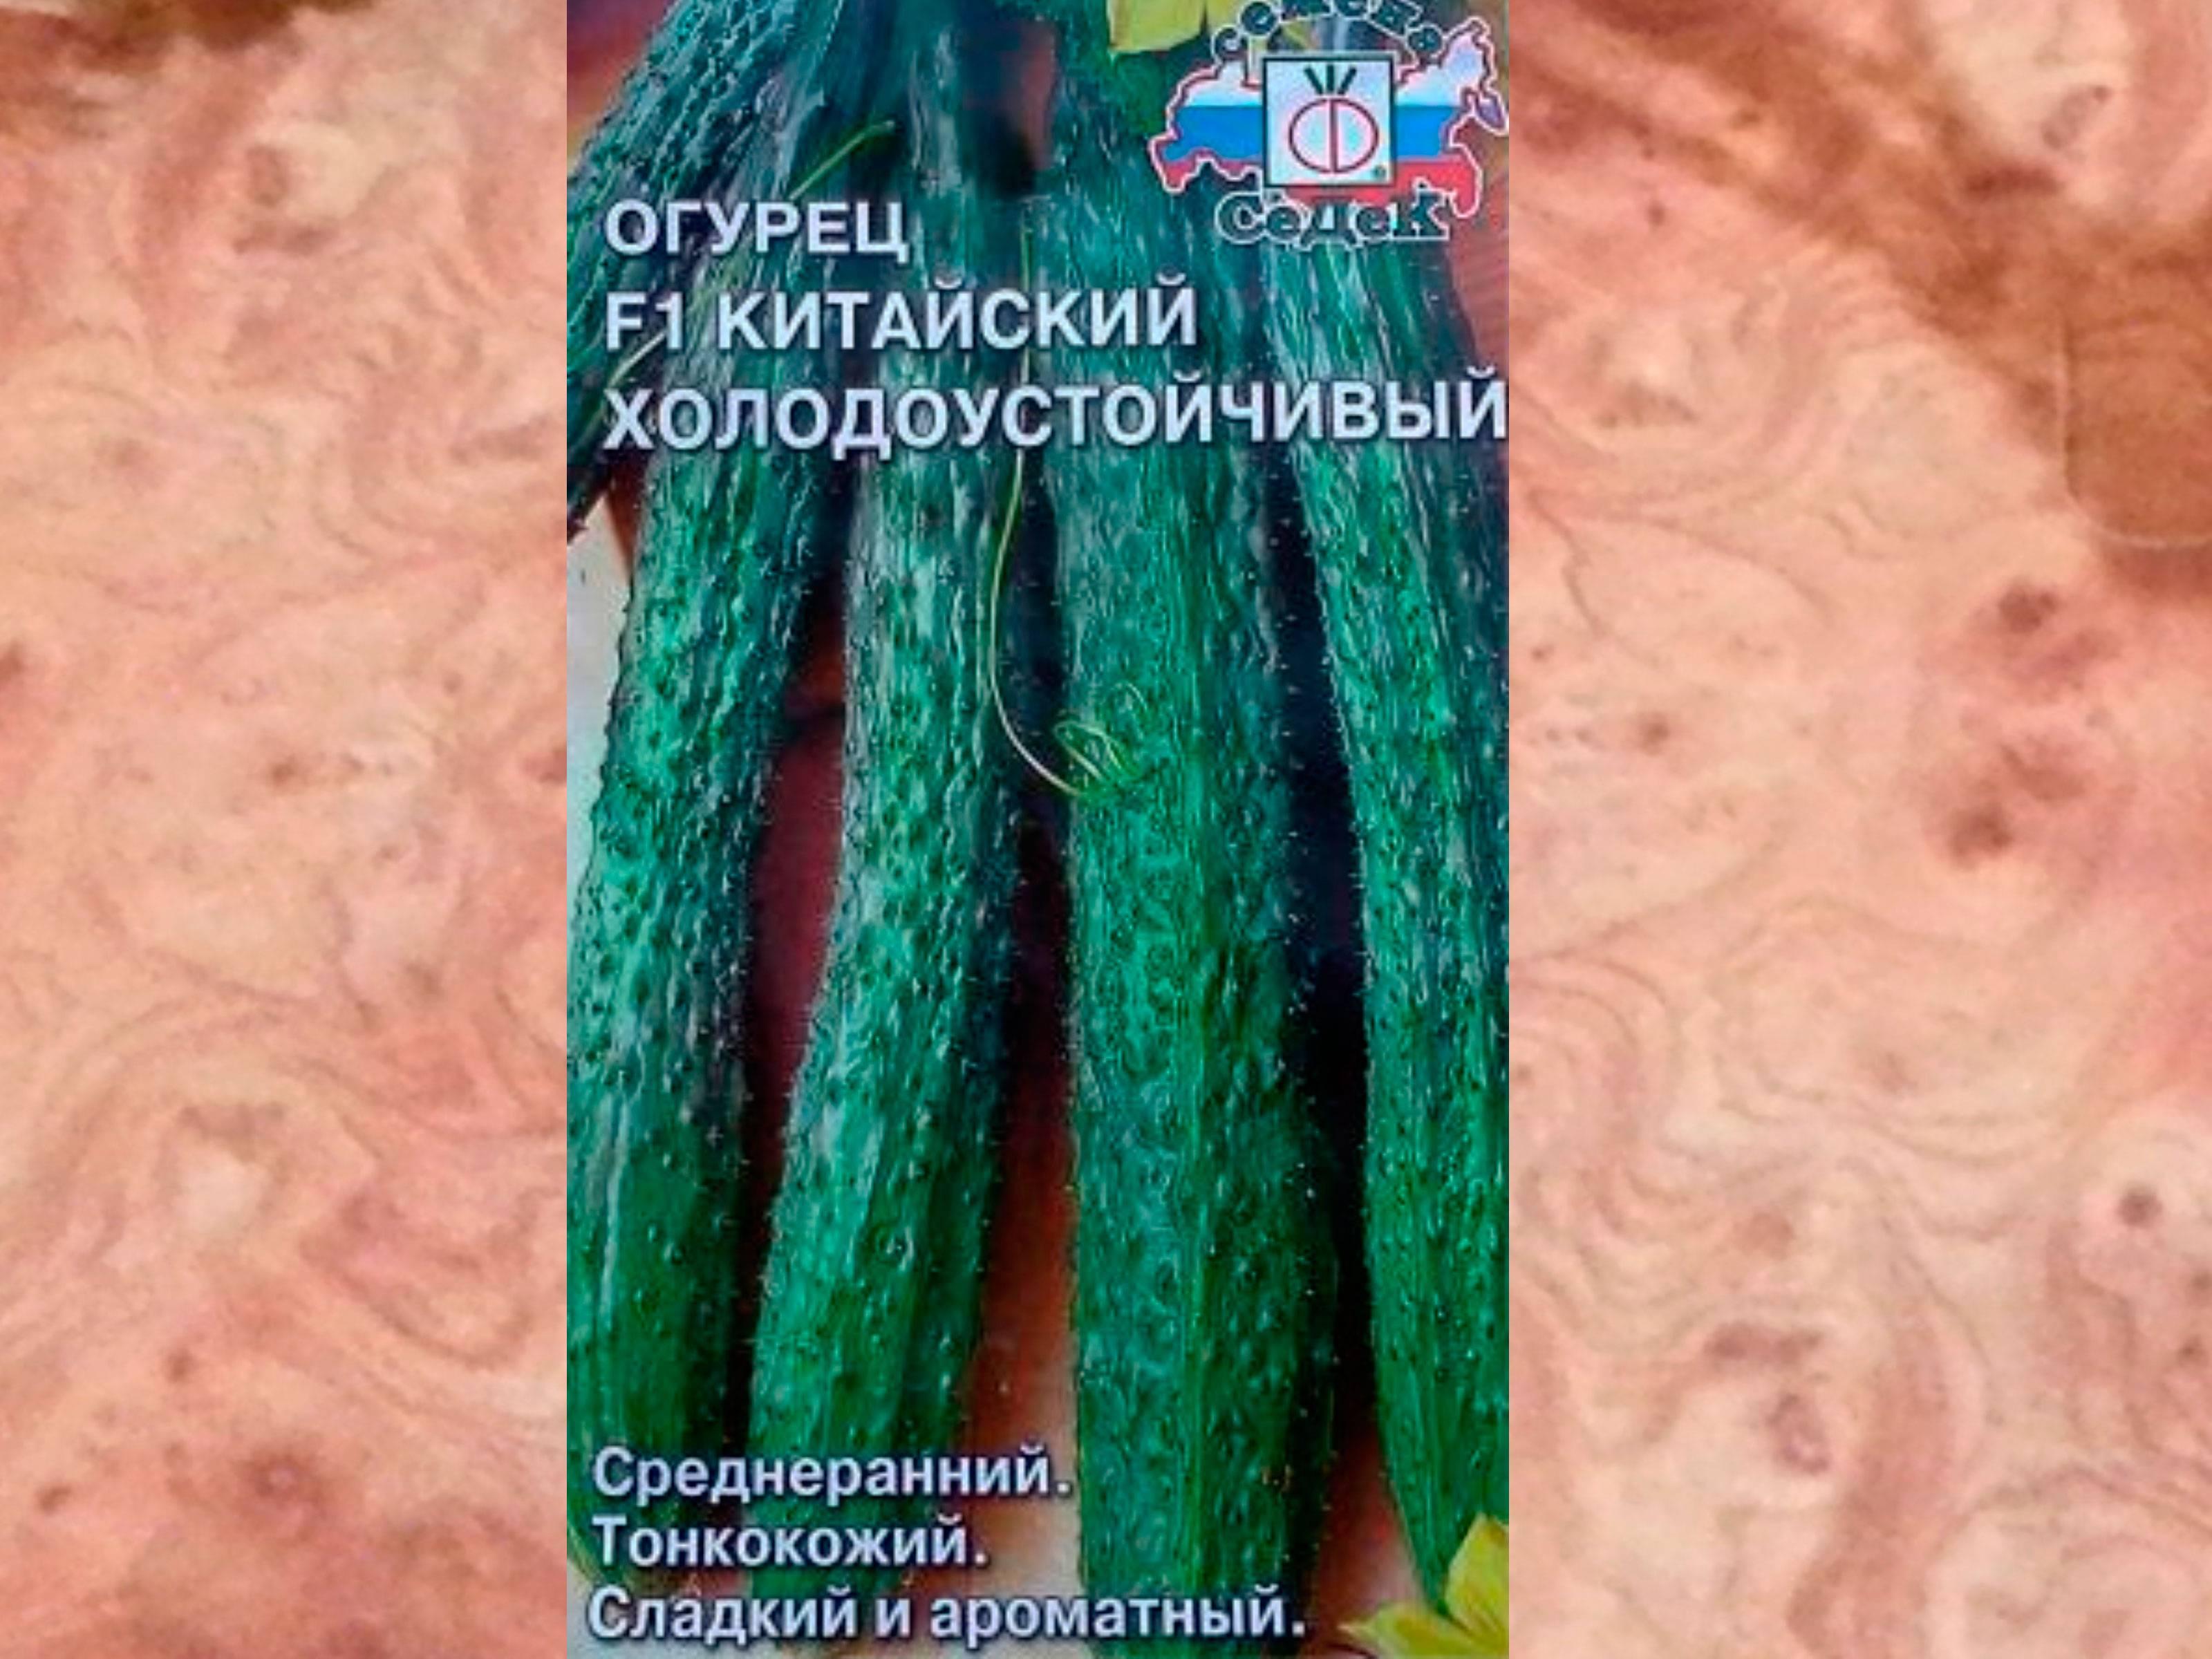 Огурец f1 китайский холодоустойчивый урожайный? / асиенда.ру